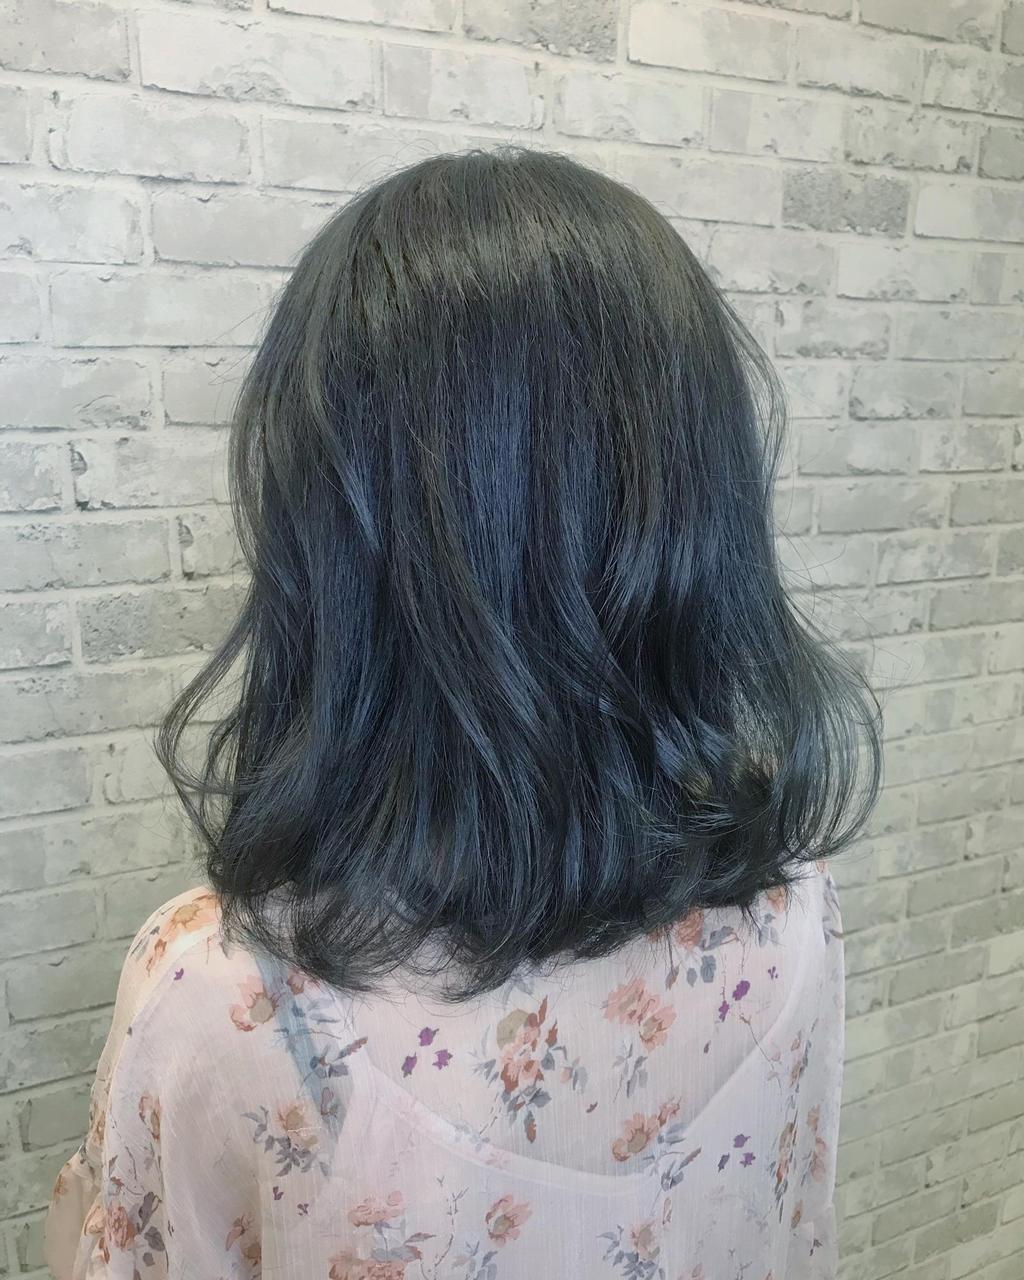 雪松灰綠在不同光源下,可顯現出不同層次變化的髮色~